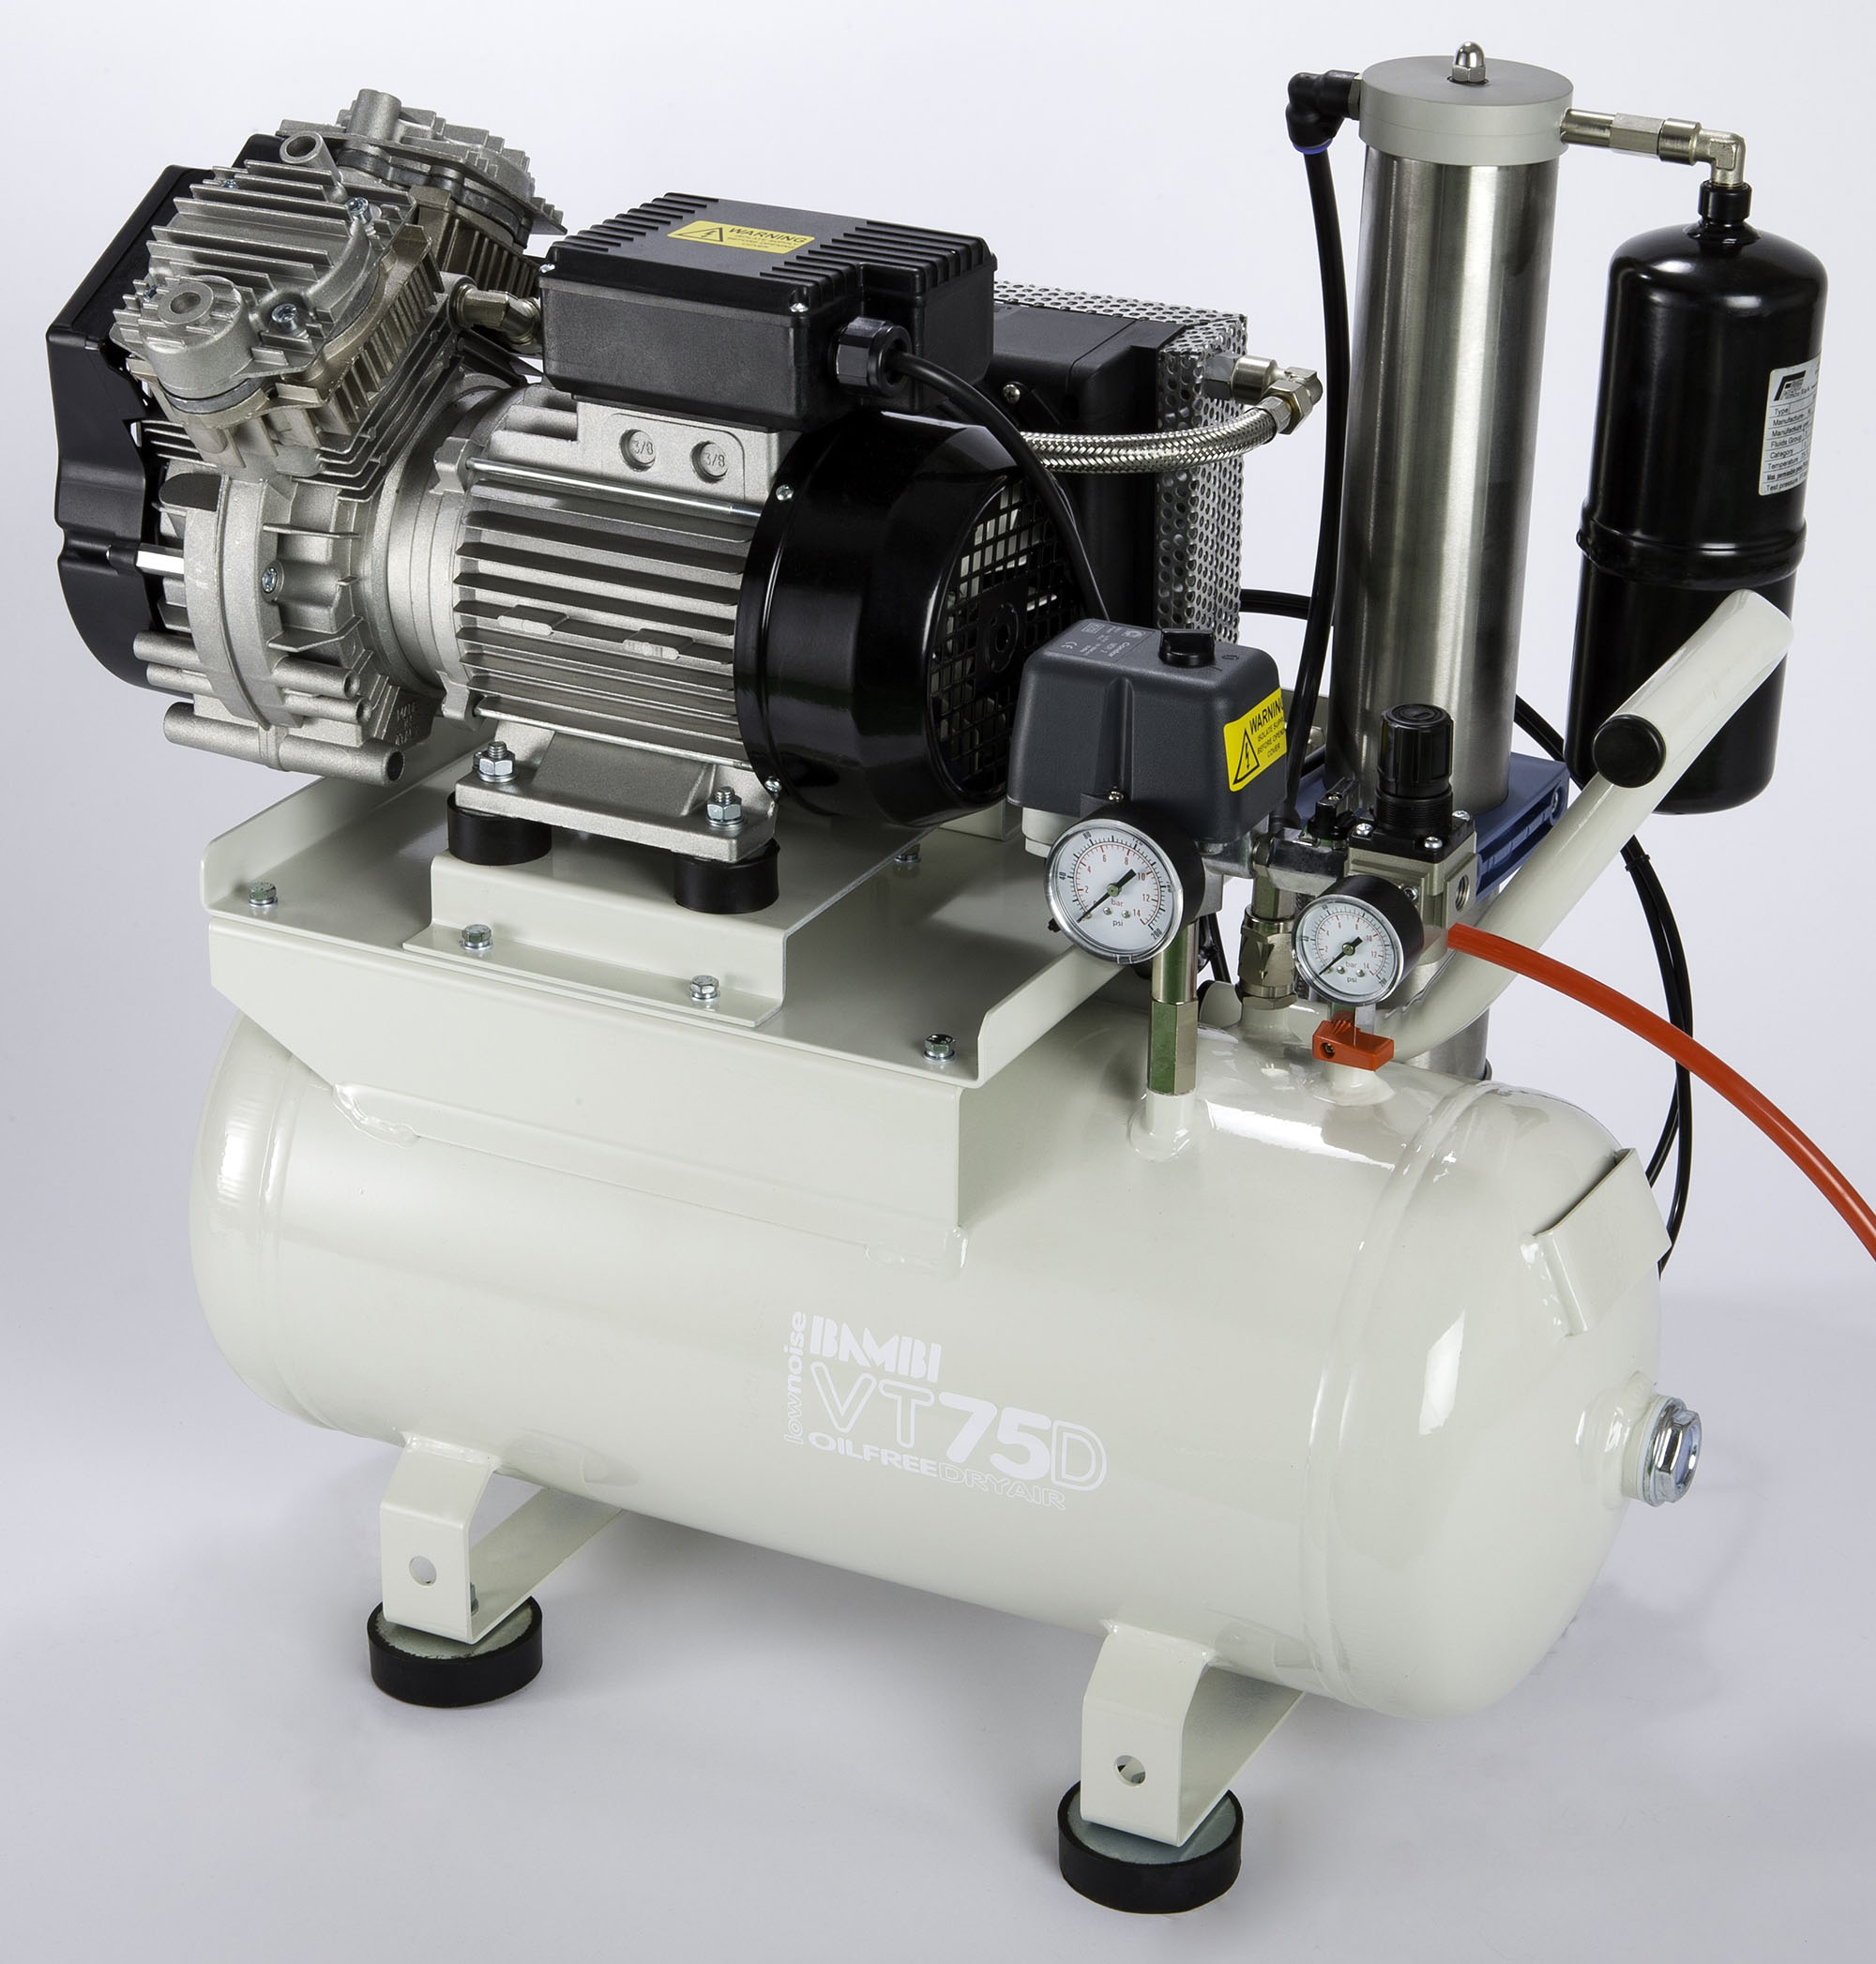 Midlands UK supplier of Bambi VTH75D air compressor